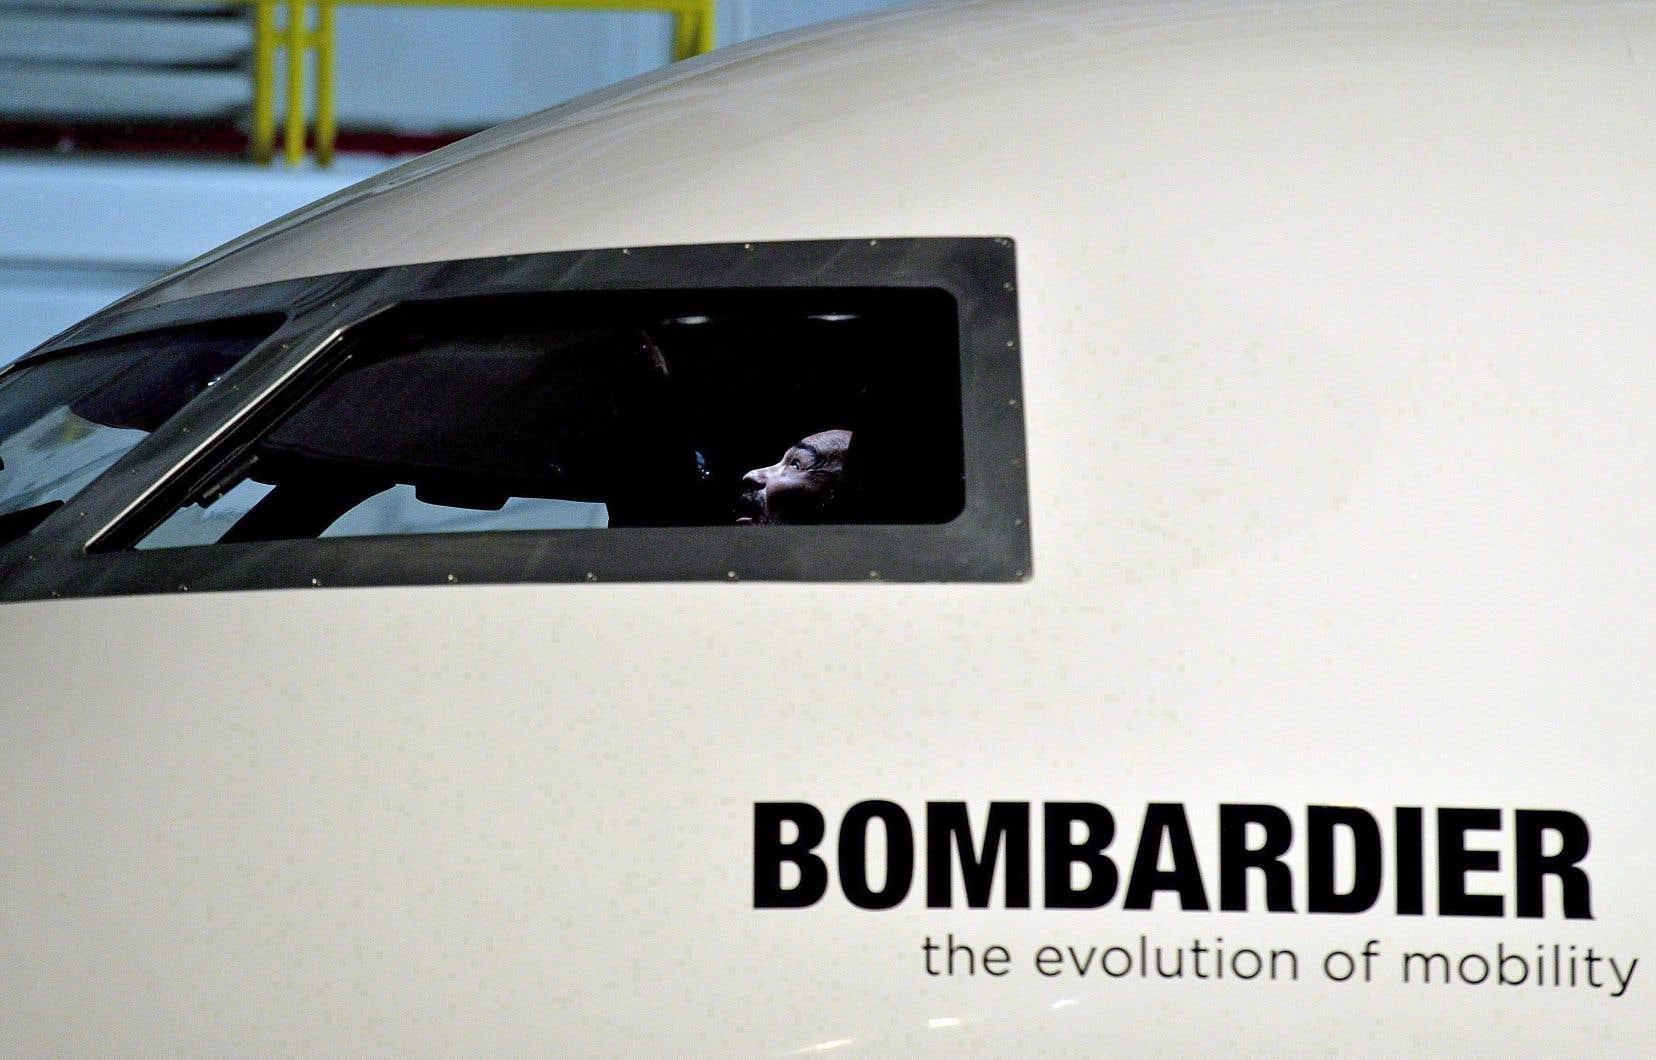 La famille Beaudoin-Bombardier contrôle 50,9% des droits de vote, alors qu'elle ne détient que 12,2% du total des titres en circulation grâce à ses actions de catégorie A, porteuses de 10 droits de vote chacune.